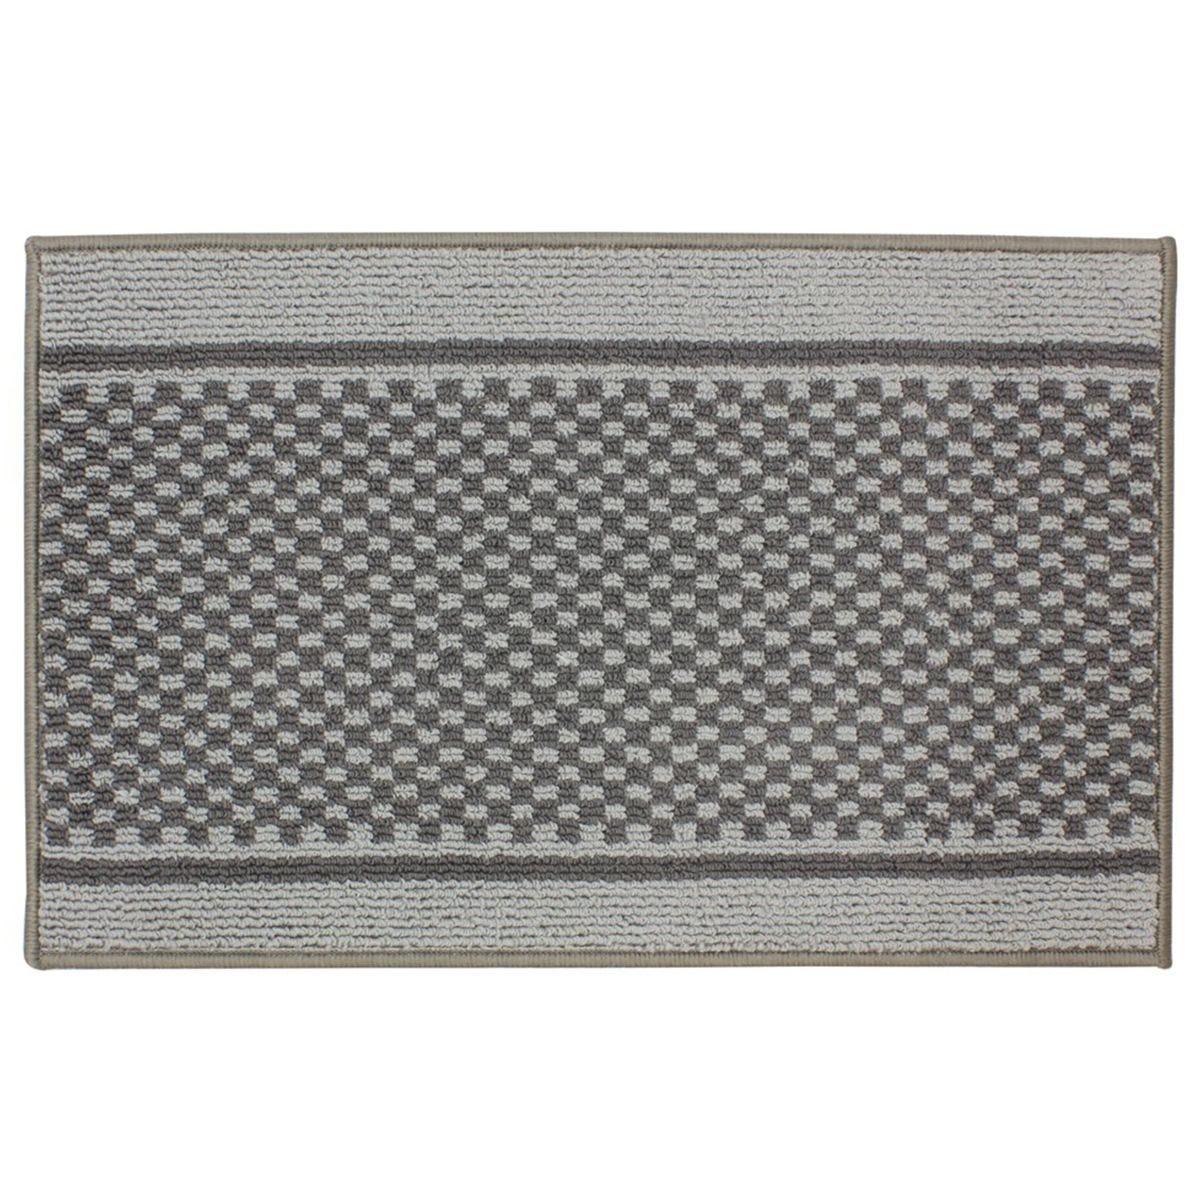 JVL 50x80cm Bologna Entrance Doormat - Light/Dark Grey